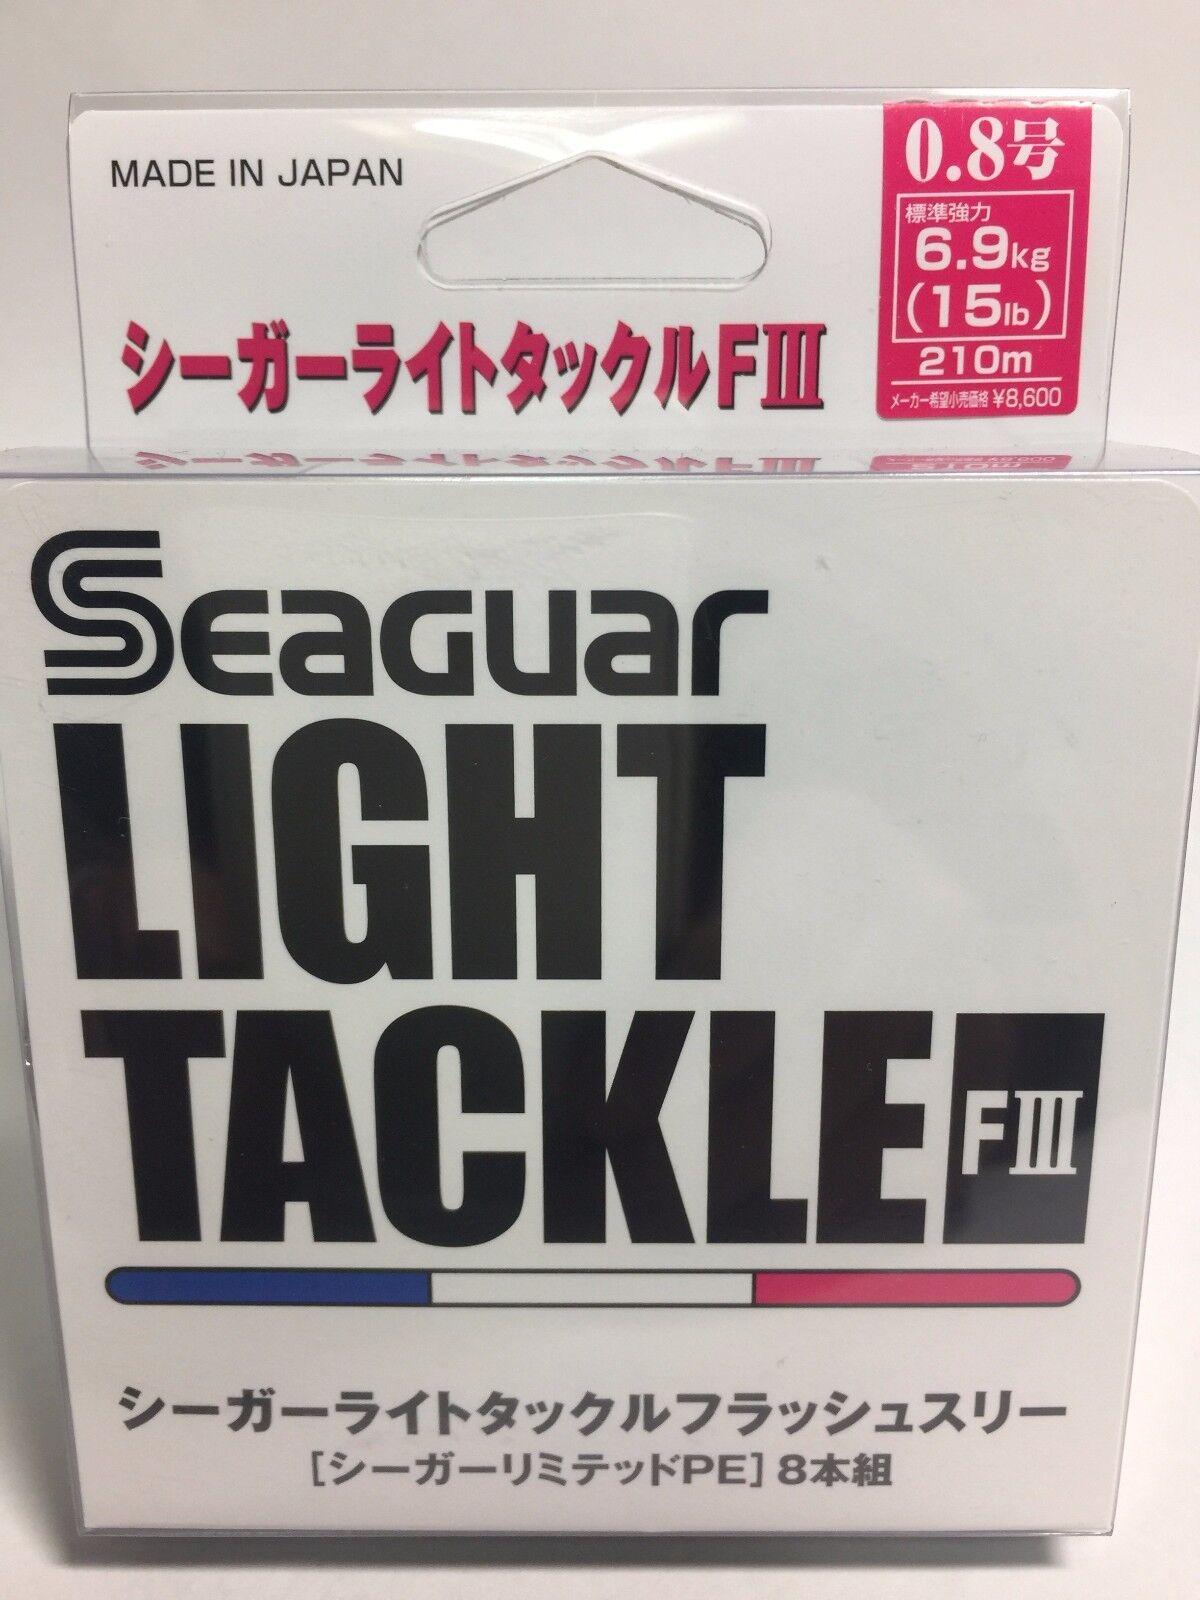 50999) Seaguar Luz Tackle Flash III 8  PE Trenzado línea  0.8 (15lb 6.9kg) 210m  hasta 42% de descuento